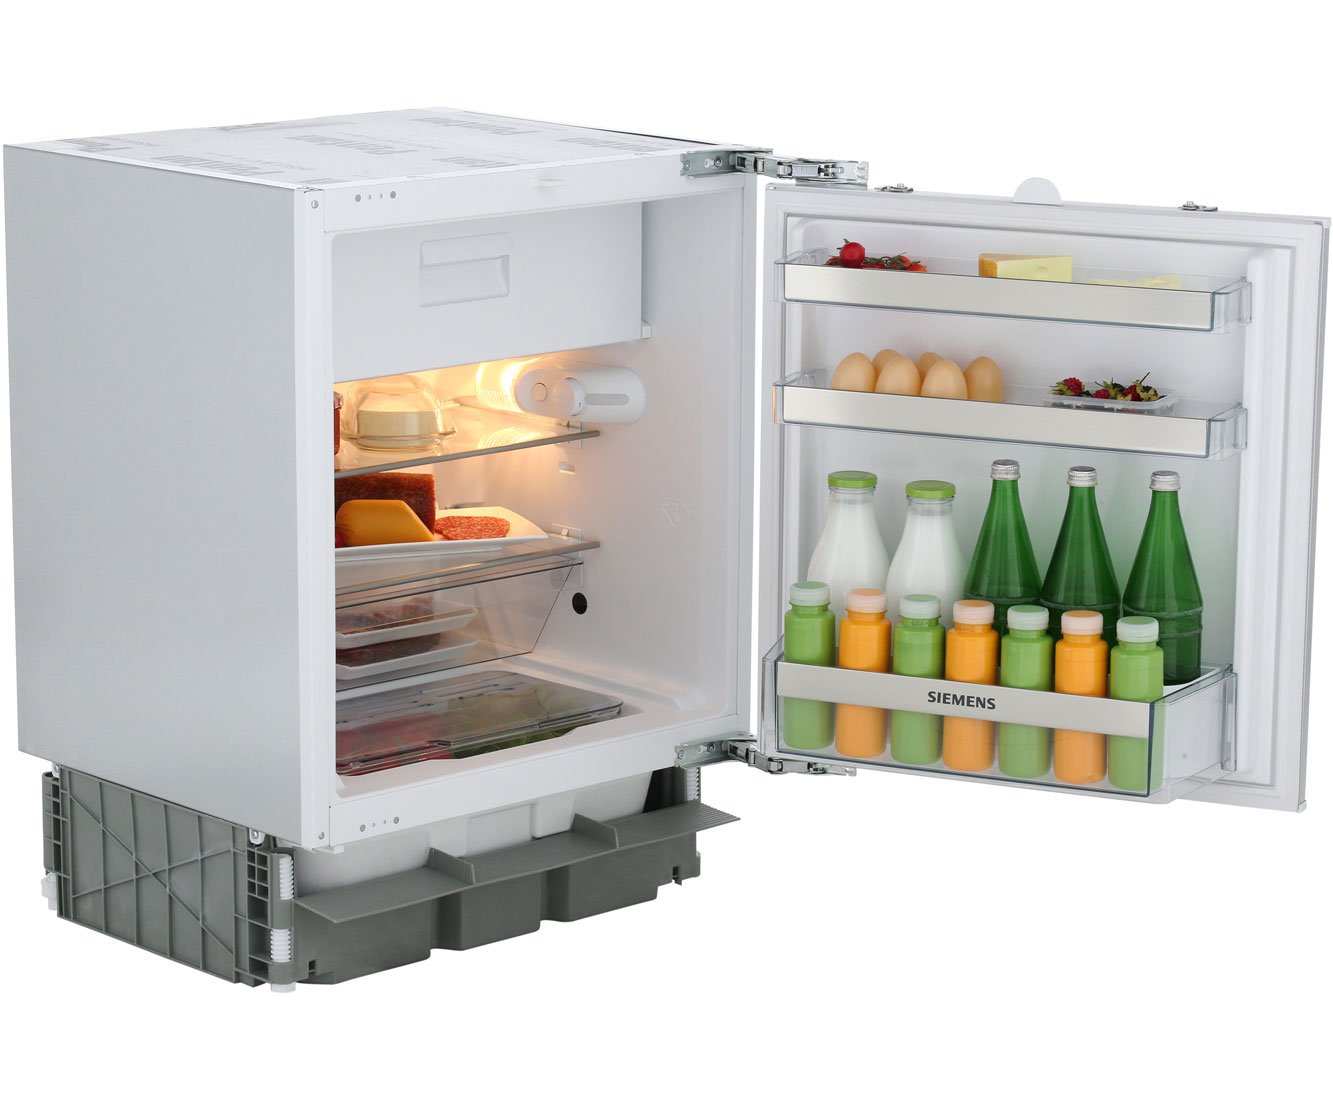 Aeg Kühlschrank Ohne Gefrierfach Unterbaufähig : Unterbau kühlschrank preisvergleich u die besten angebote online